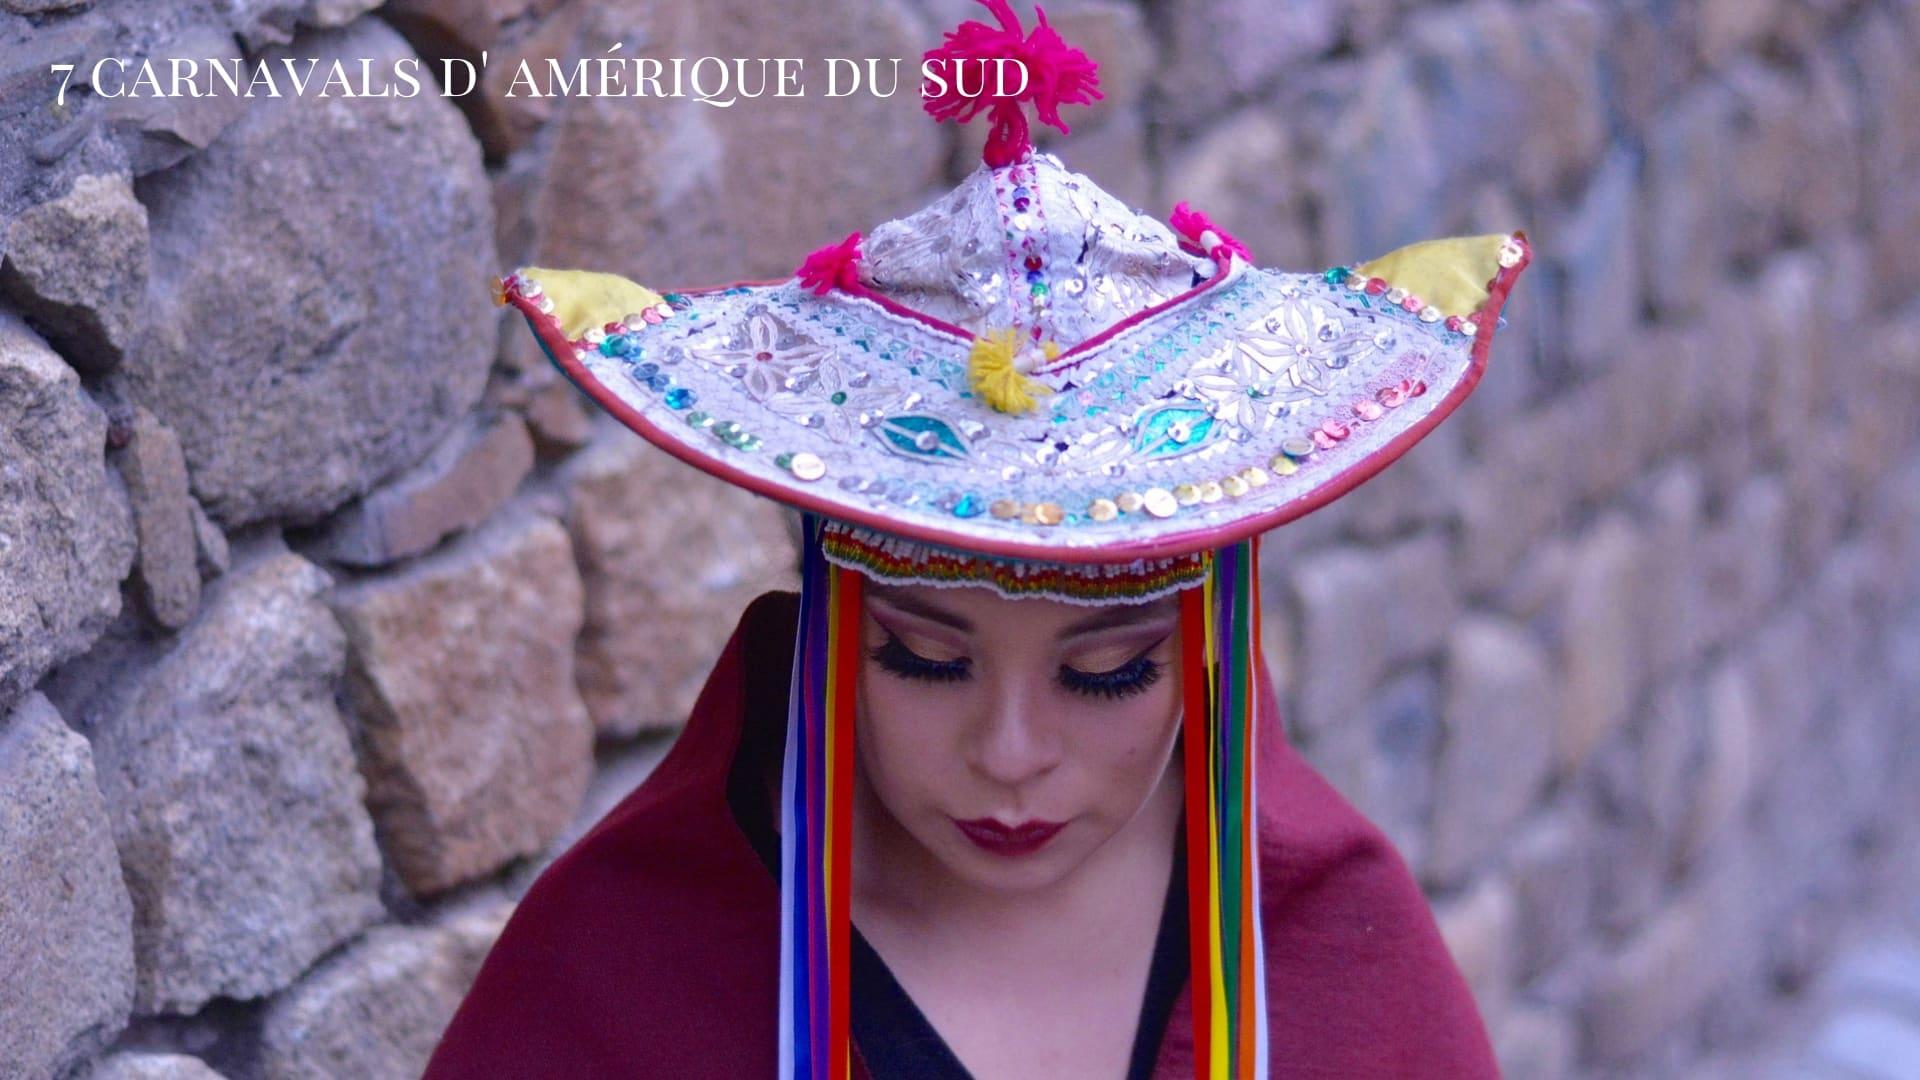 Carnaval Amérique Du Sud